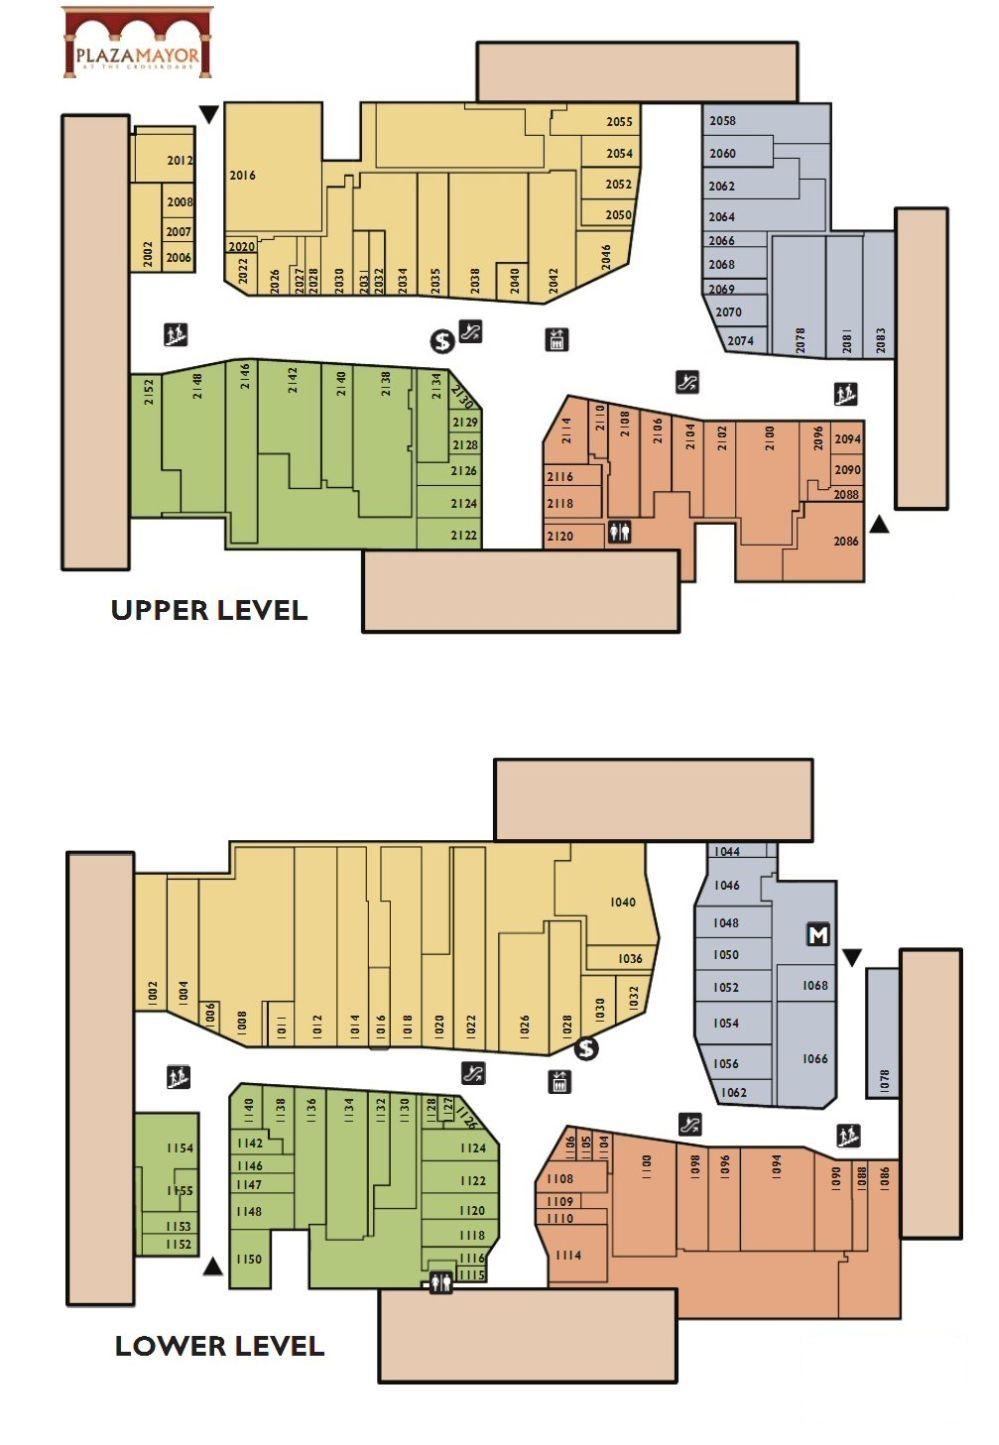 Crossgates Mall Map : crossgates, Plaza, Mayor, Crossroads, Shopping, Crossroads,, Plaza,, Malls